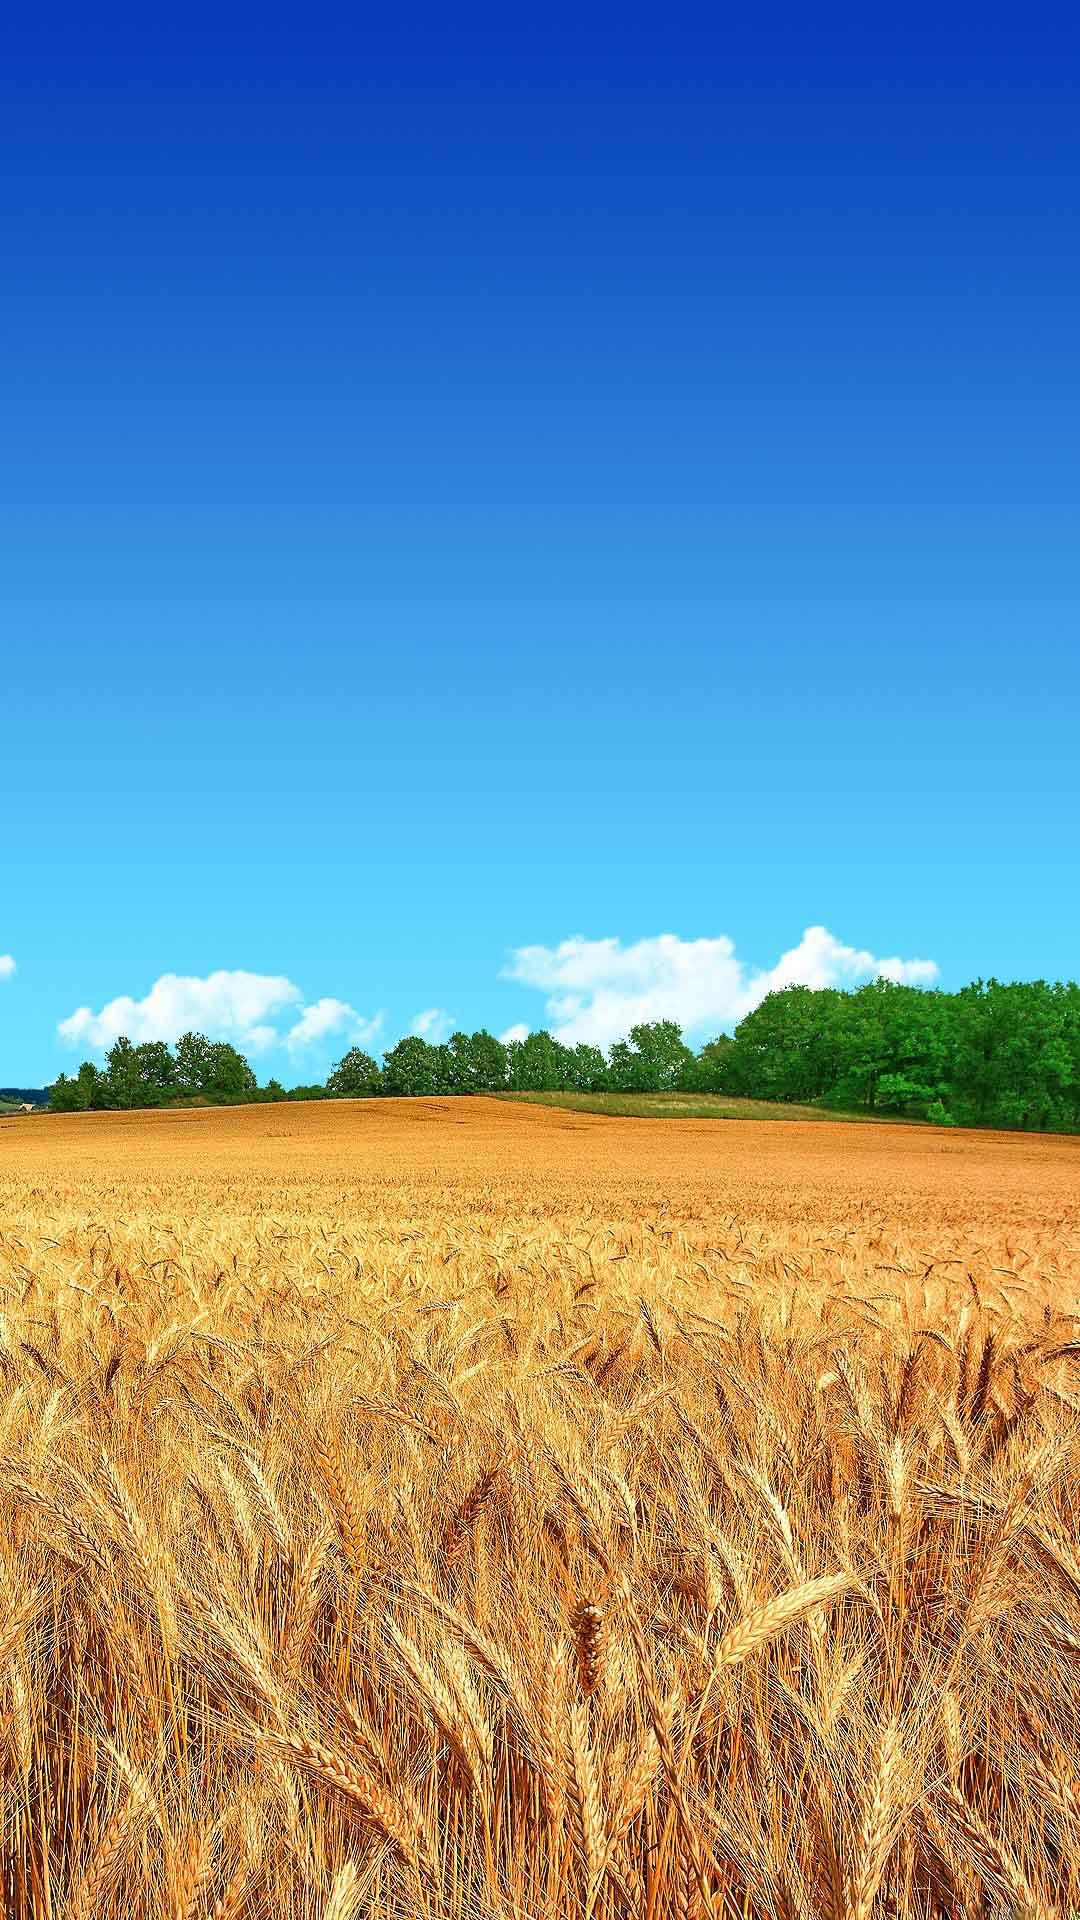 Fondo de pantalla con campo de trigo